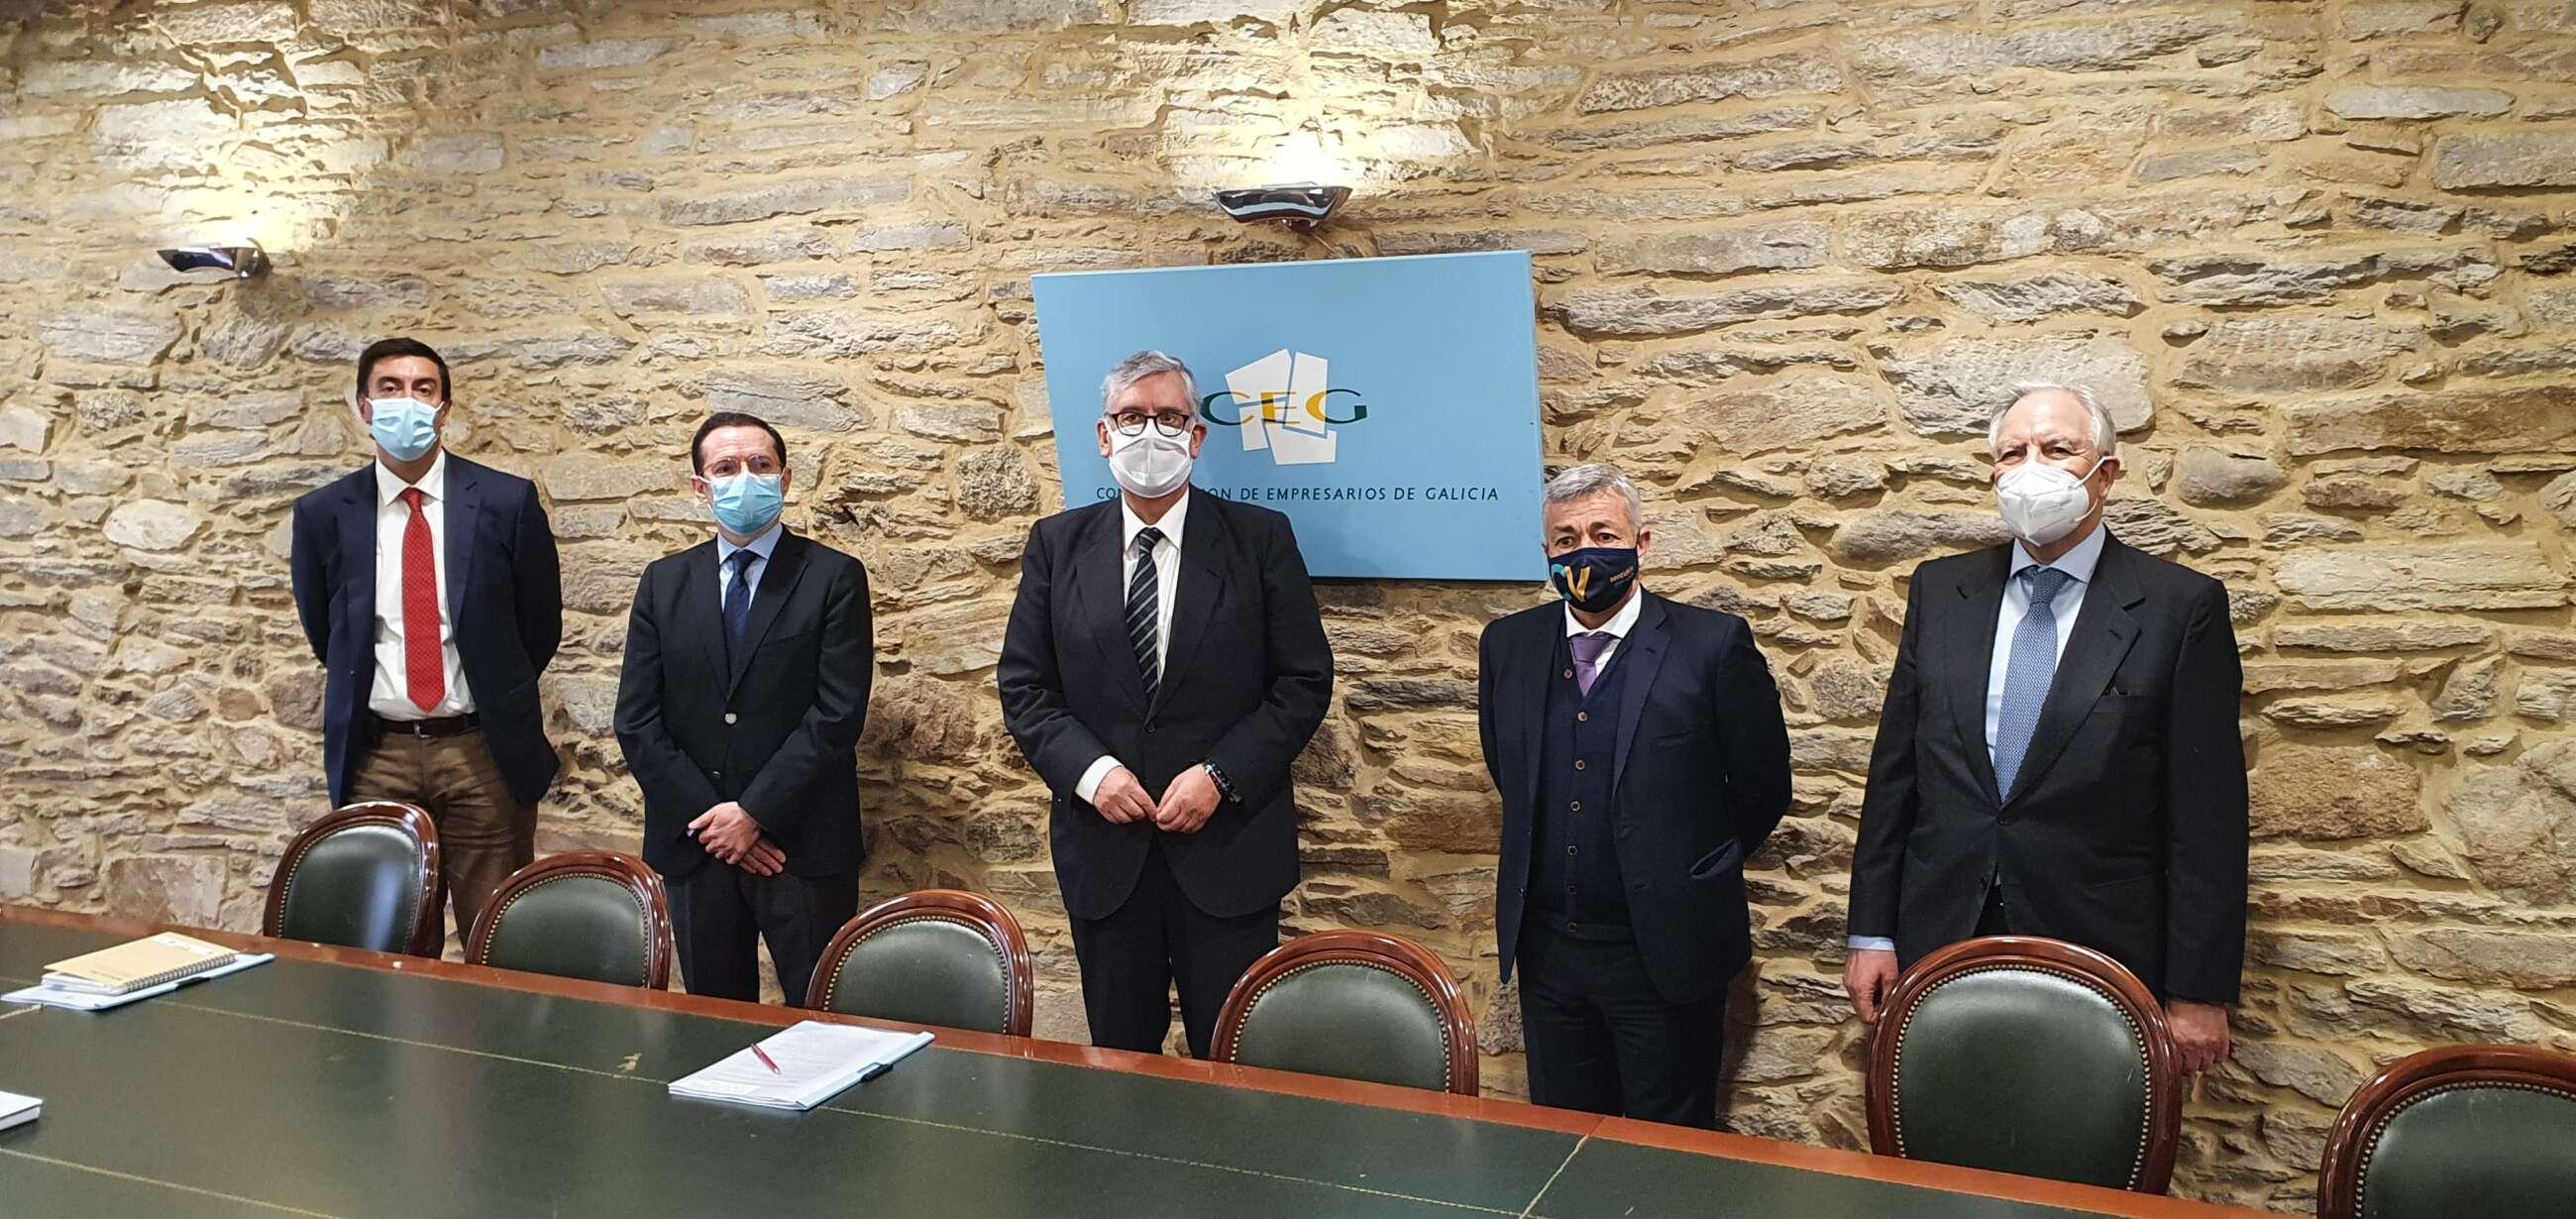 Representantes de Luckia, Comar, Ageo y Abiga se reunen con el presidente de la patronal, Juan Manuel Vieites